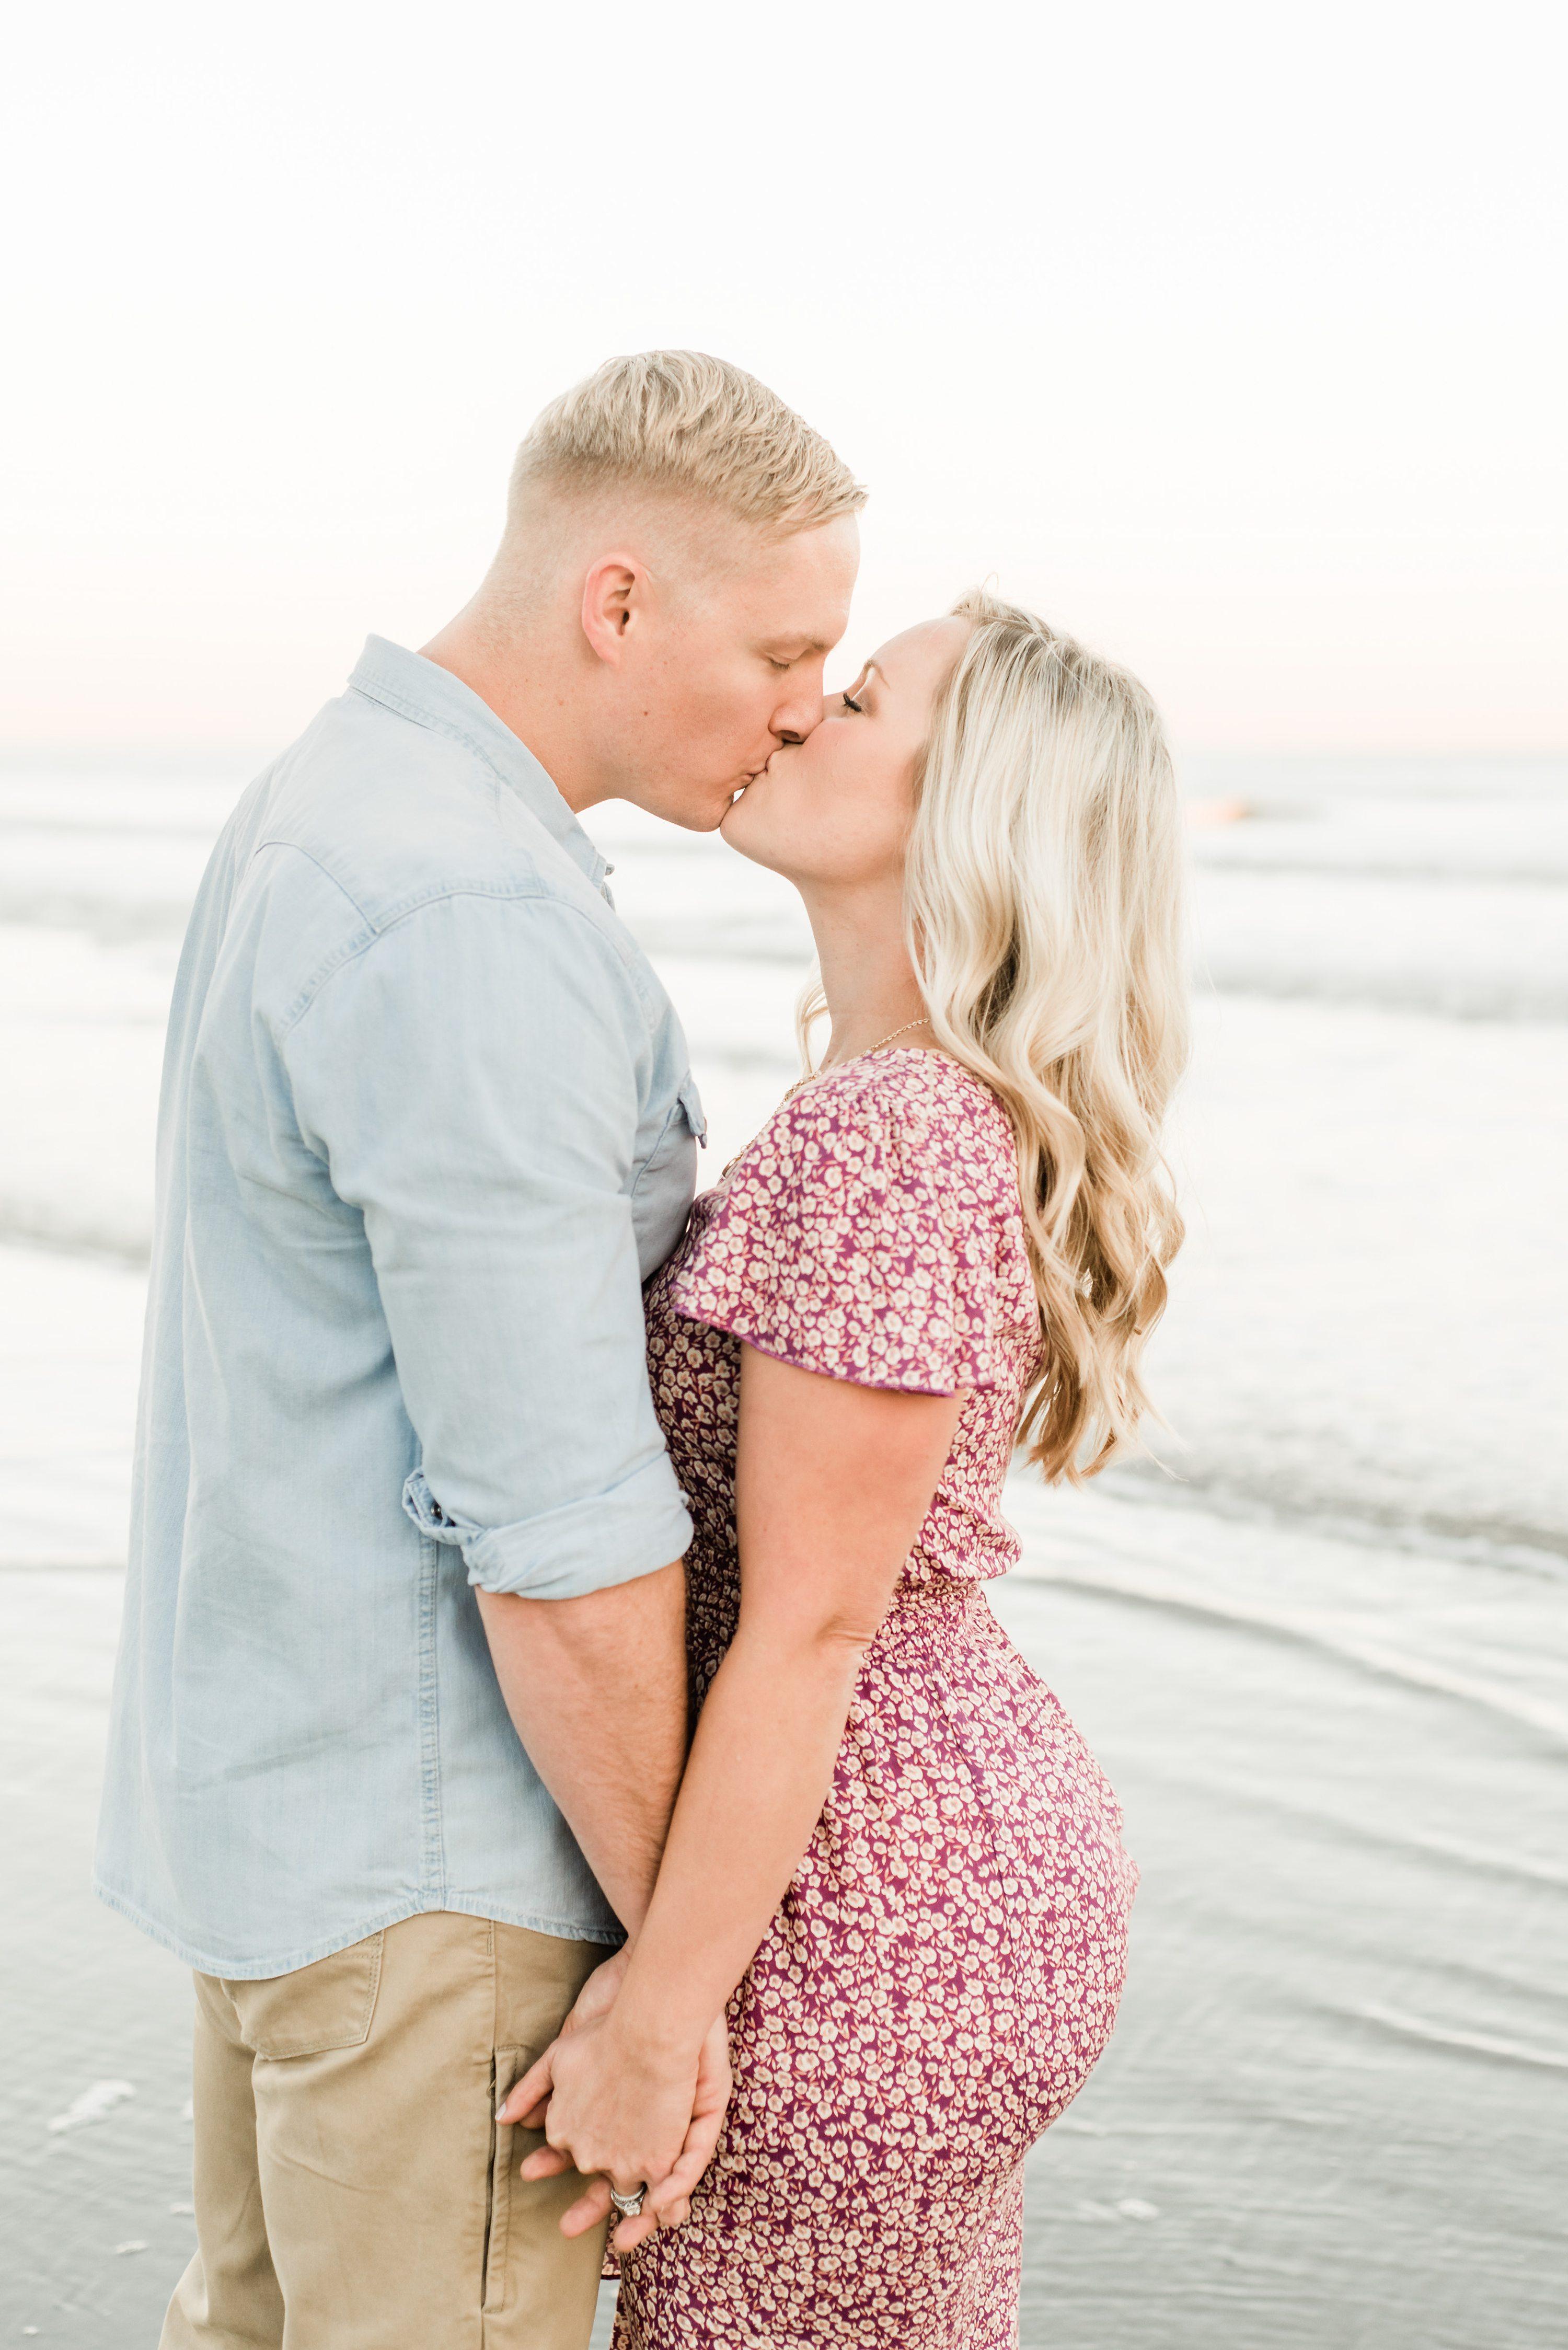 Houston,Husband & Wife Team